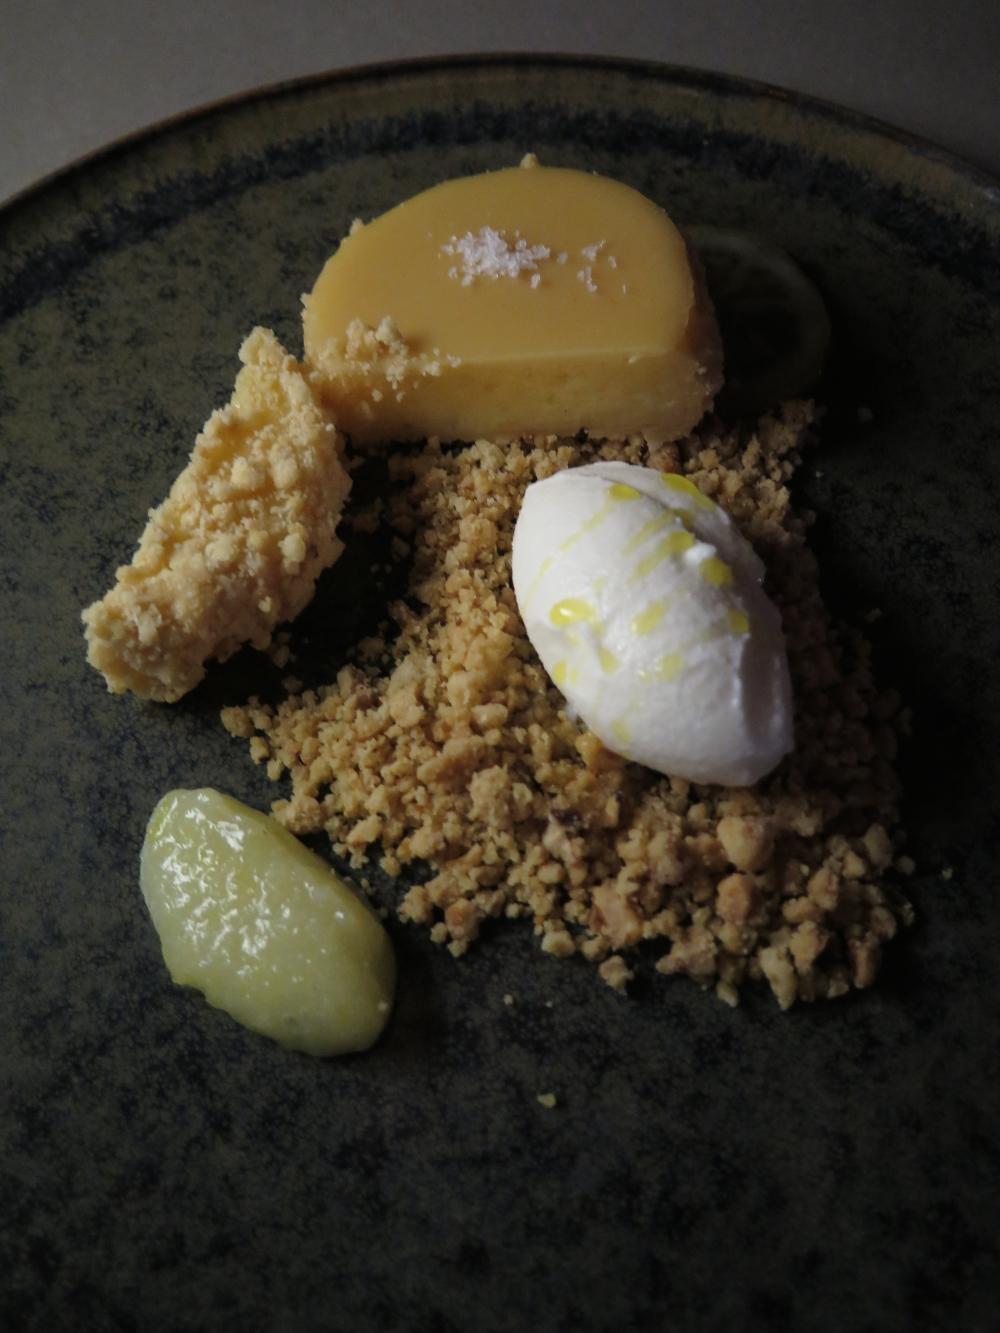 Dubrovnik Lemon Tart